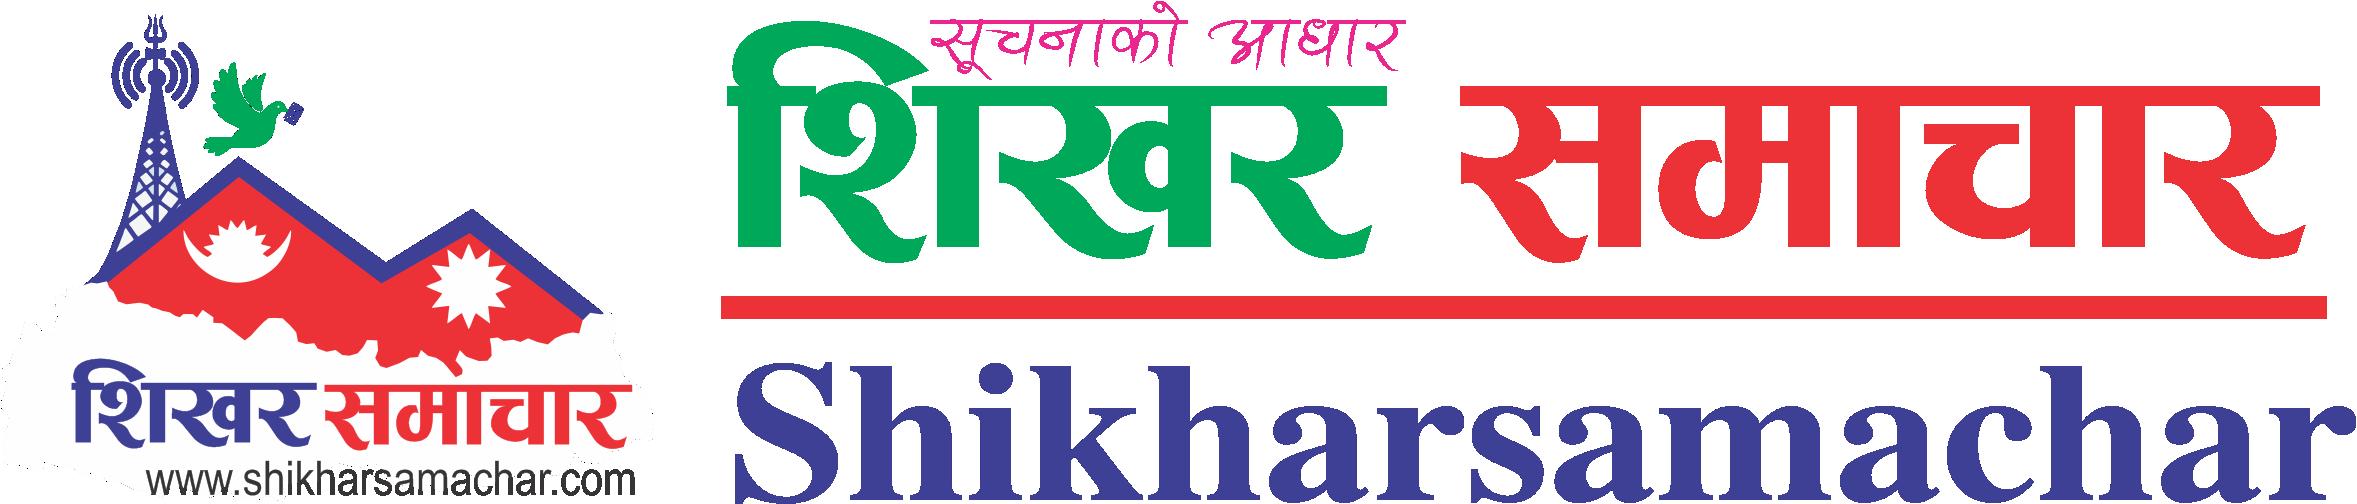 Shikhar Samachar